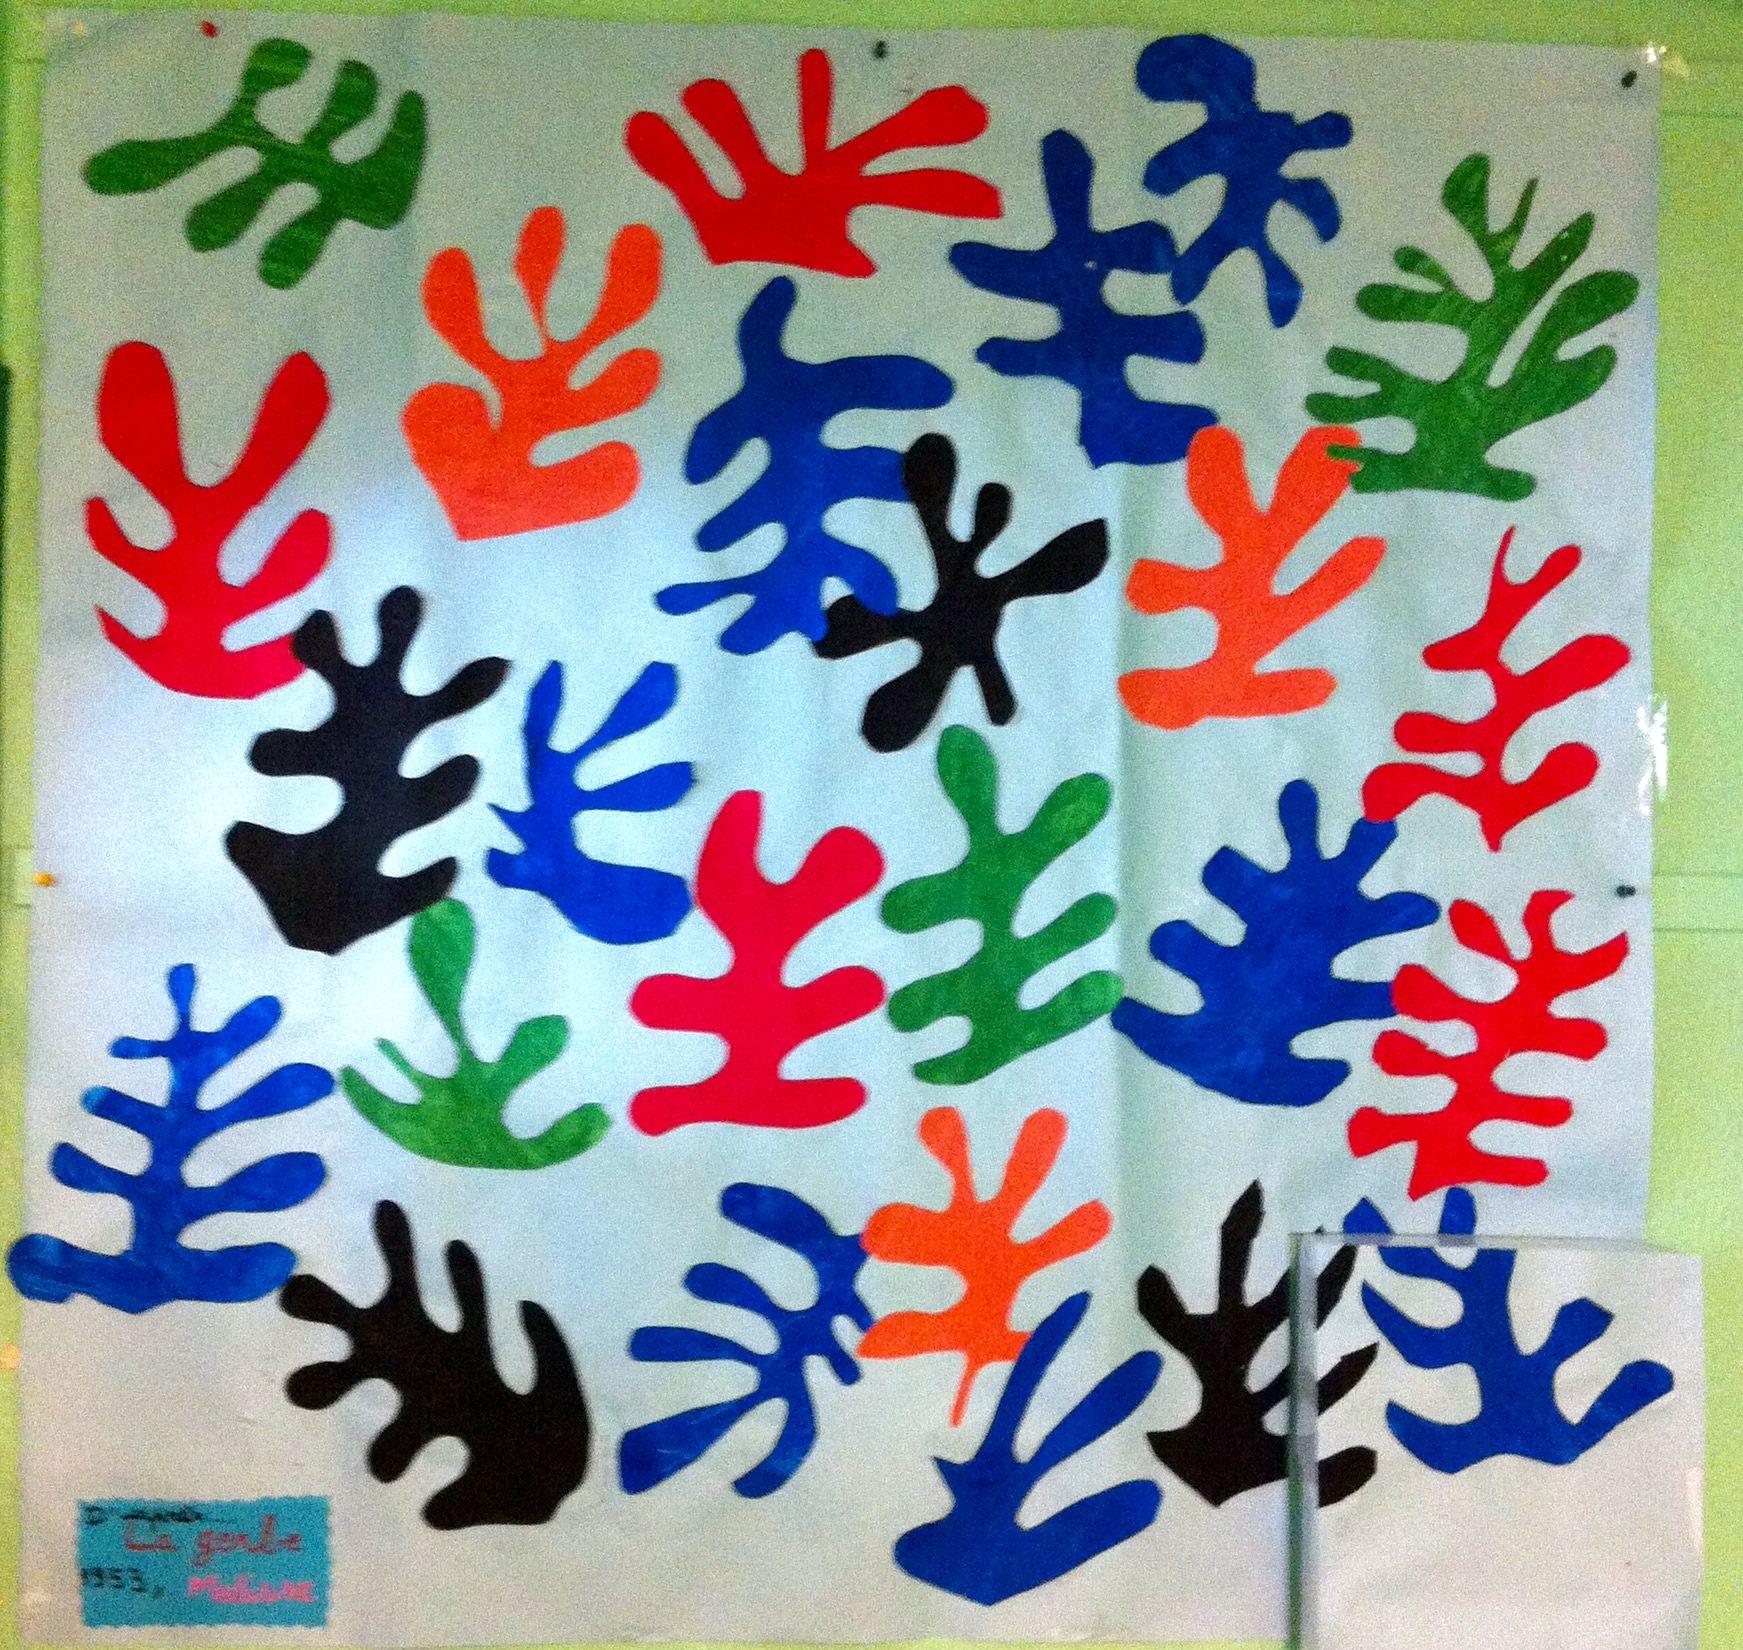 Fabuleux D'après La Gerbe d'Henri Matisse Oeuvre collective: peinture  DQ51